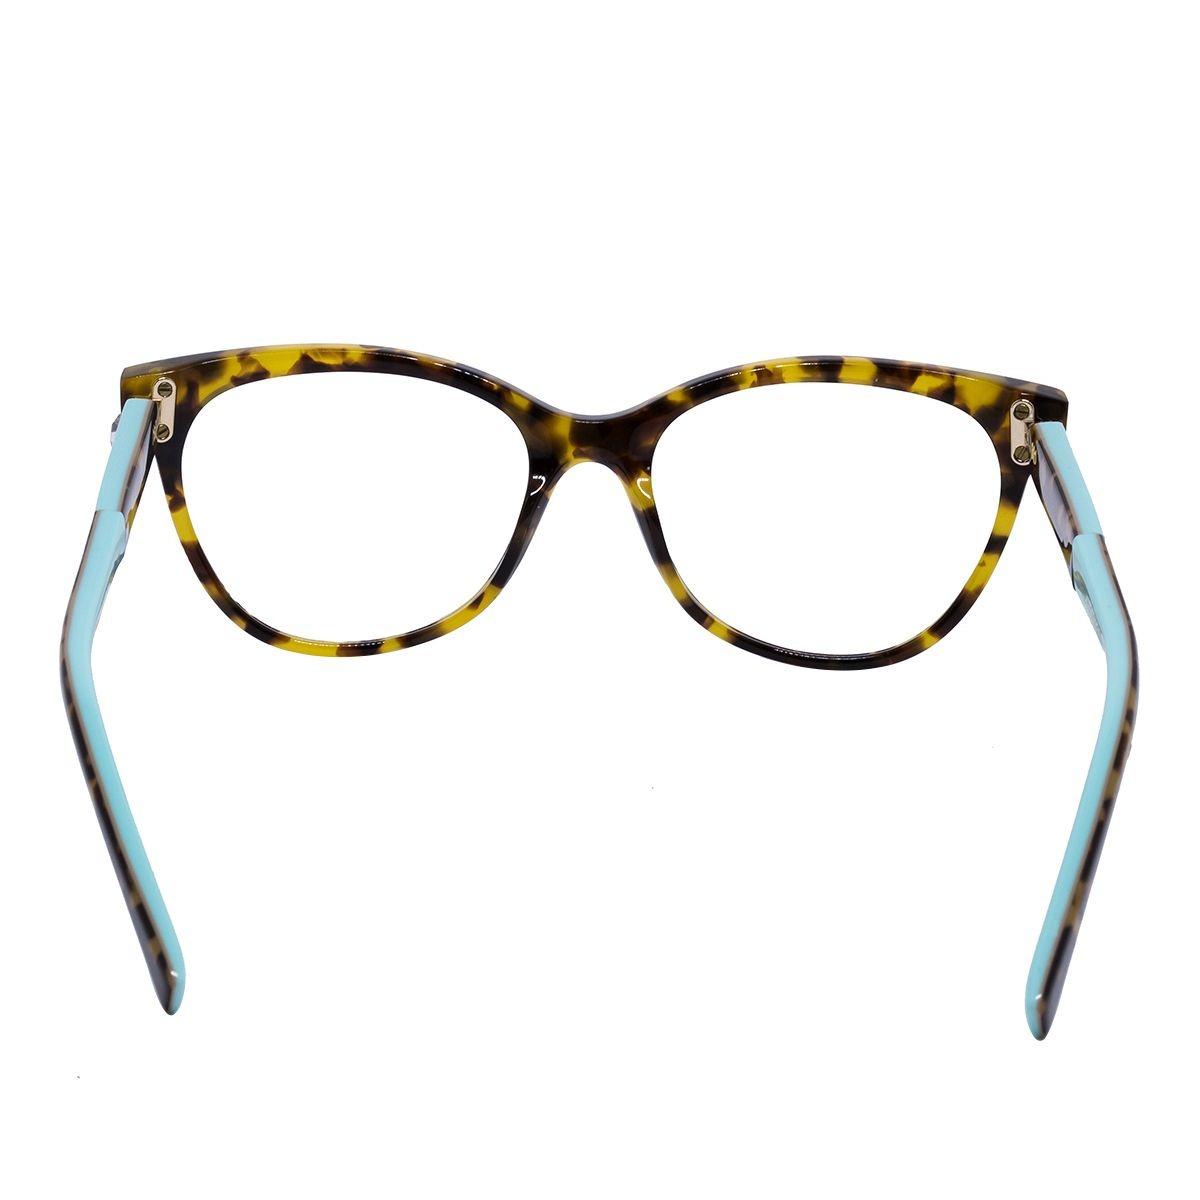 451d635d2a071 Óculos De Grau Ana Hickmann Original Ah6248 - R  506,00 em Mercado Livre